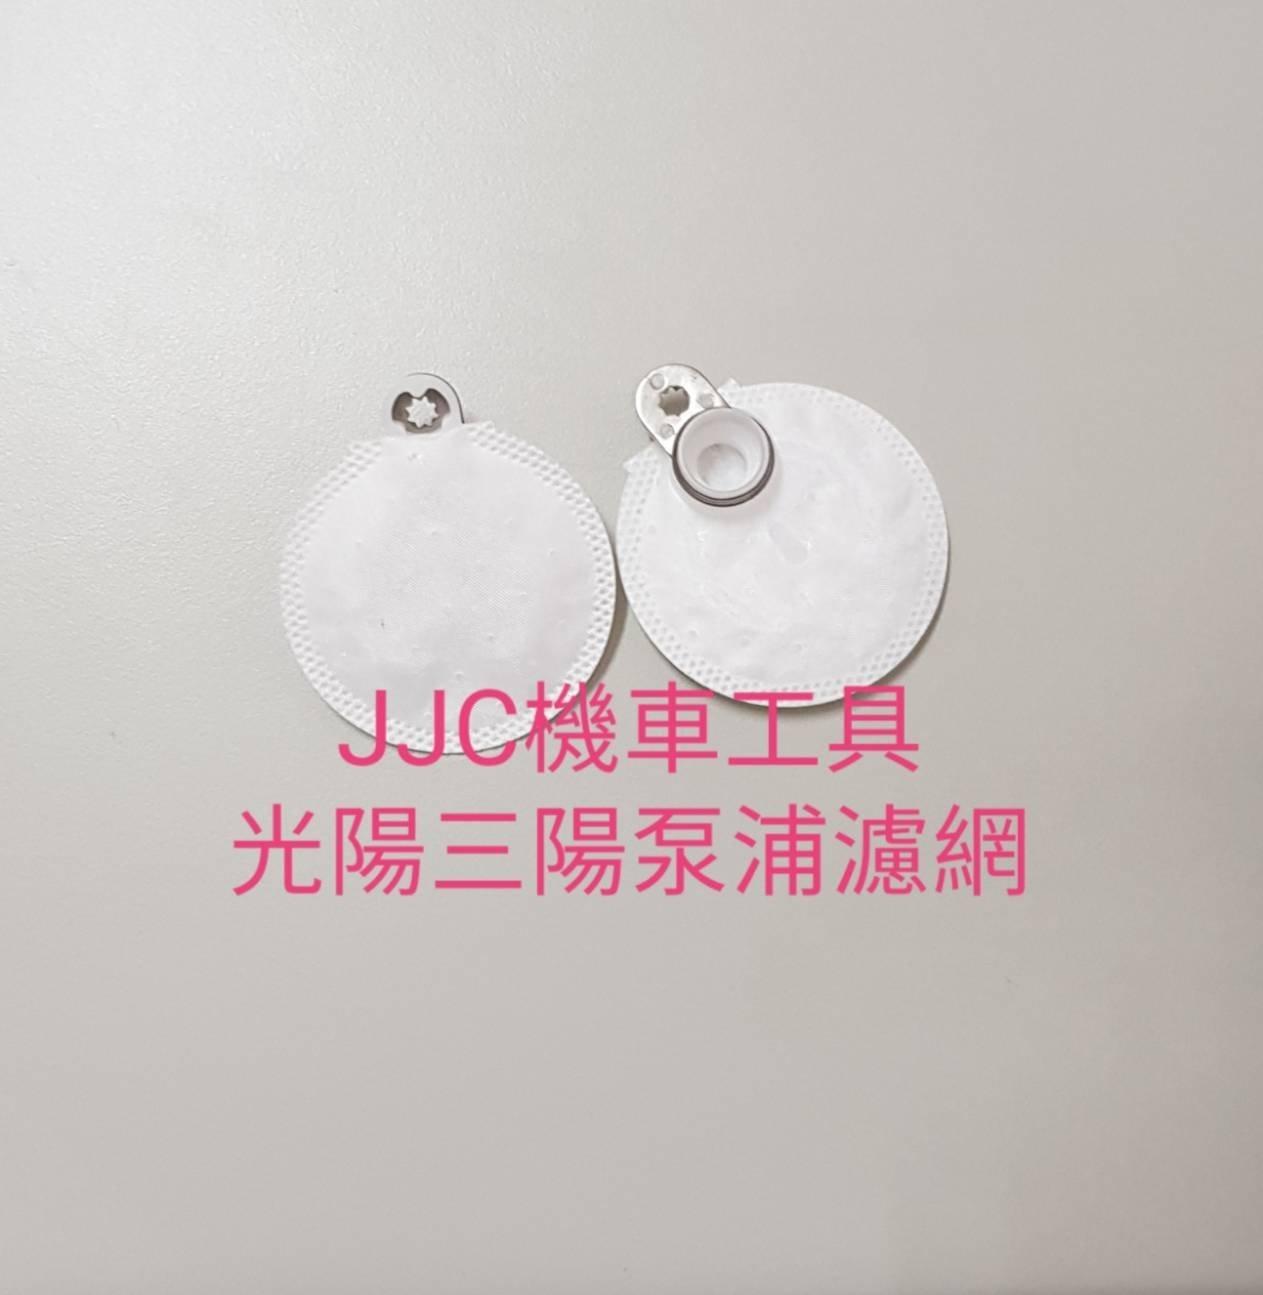 JJC機車工具 光陽 三陽 型噴射汽油 濾網 濾芯 濾心 汽油濾網 附O環 汽油濾網